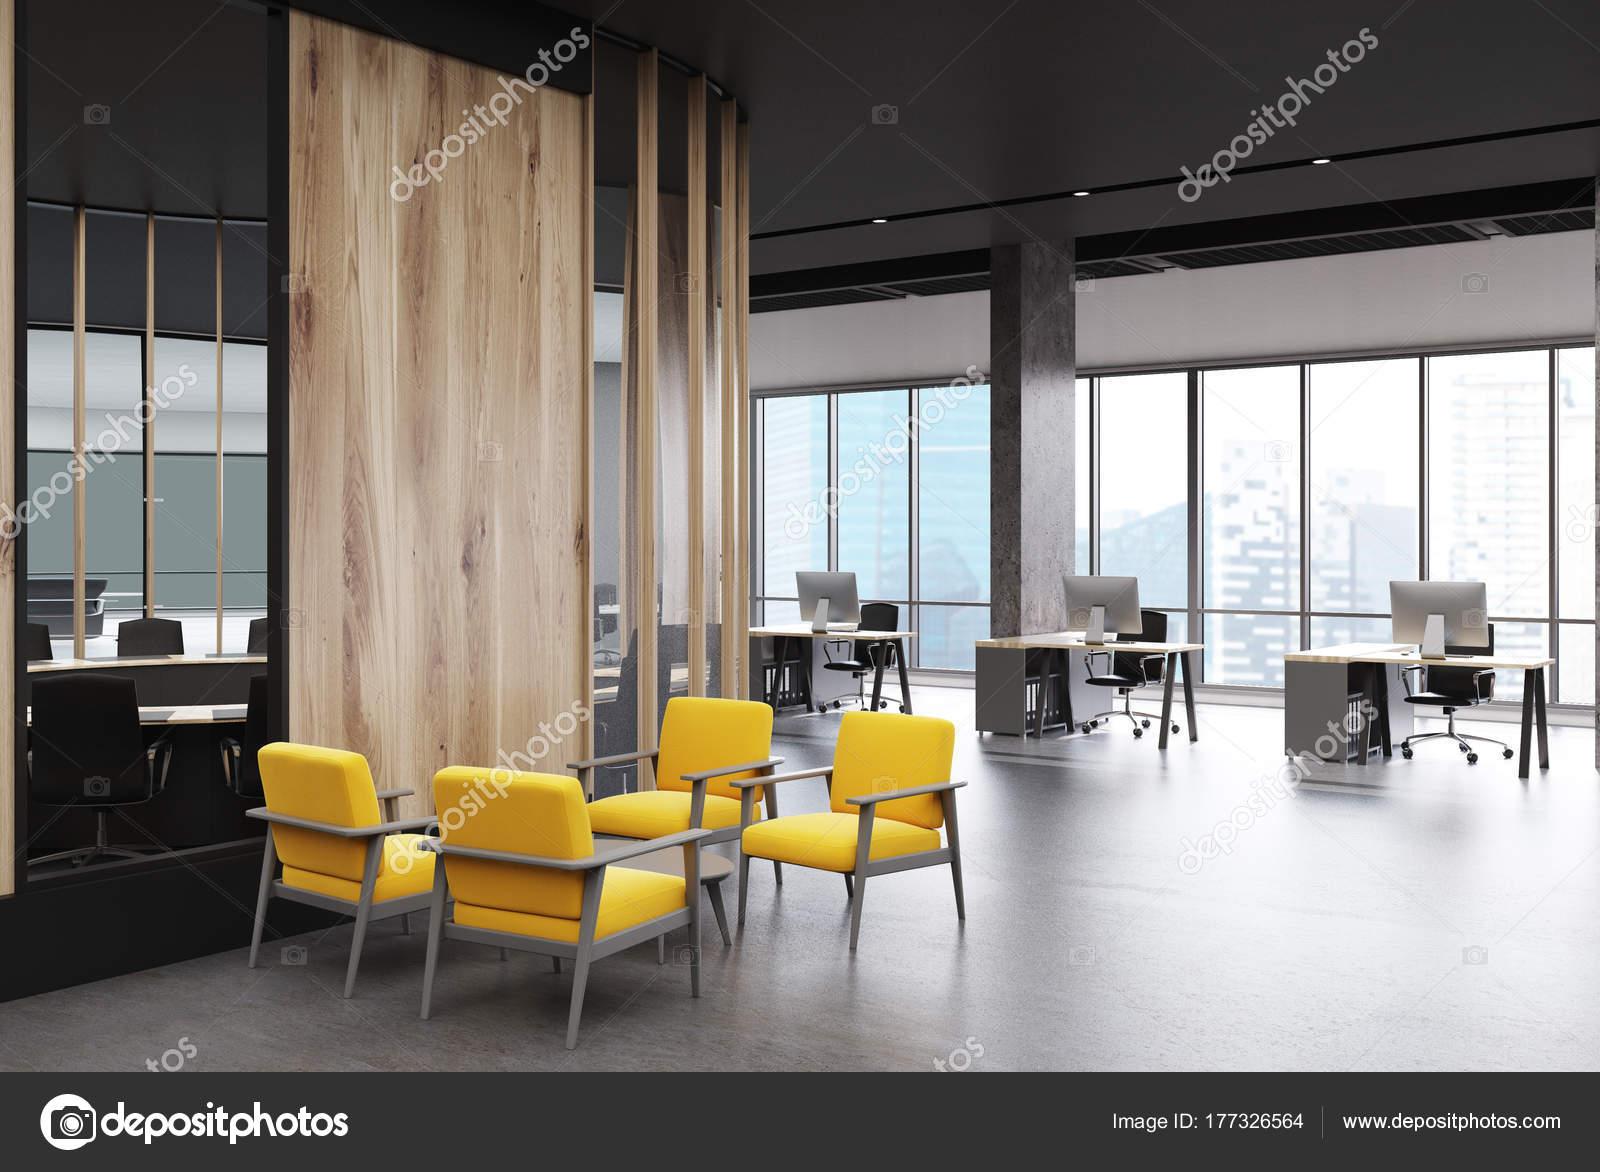 Bureau loft gris et salle d attente jaune u photographie